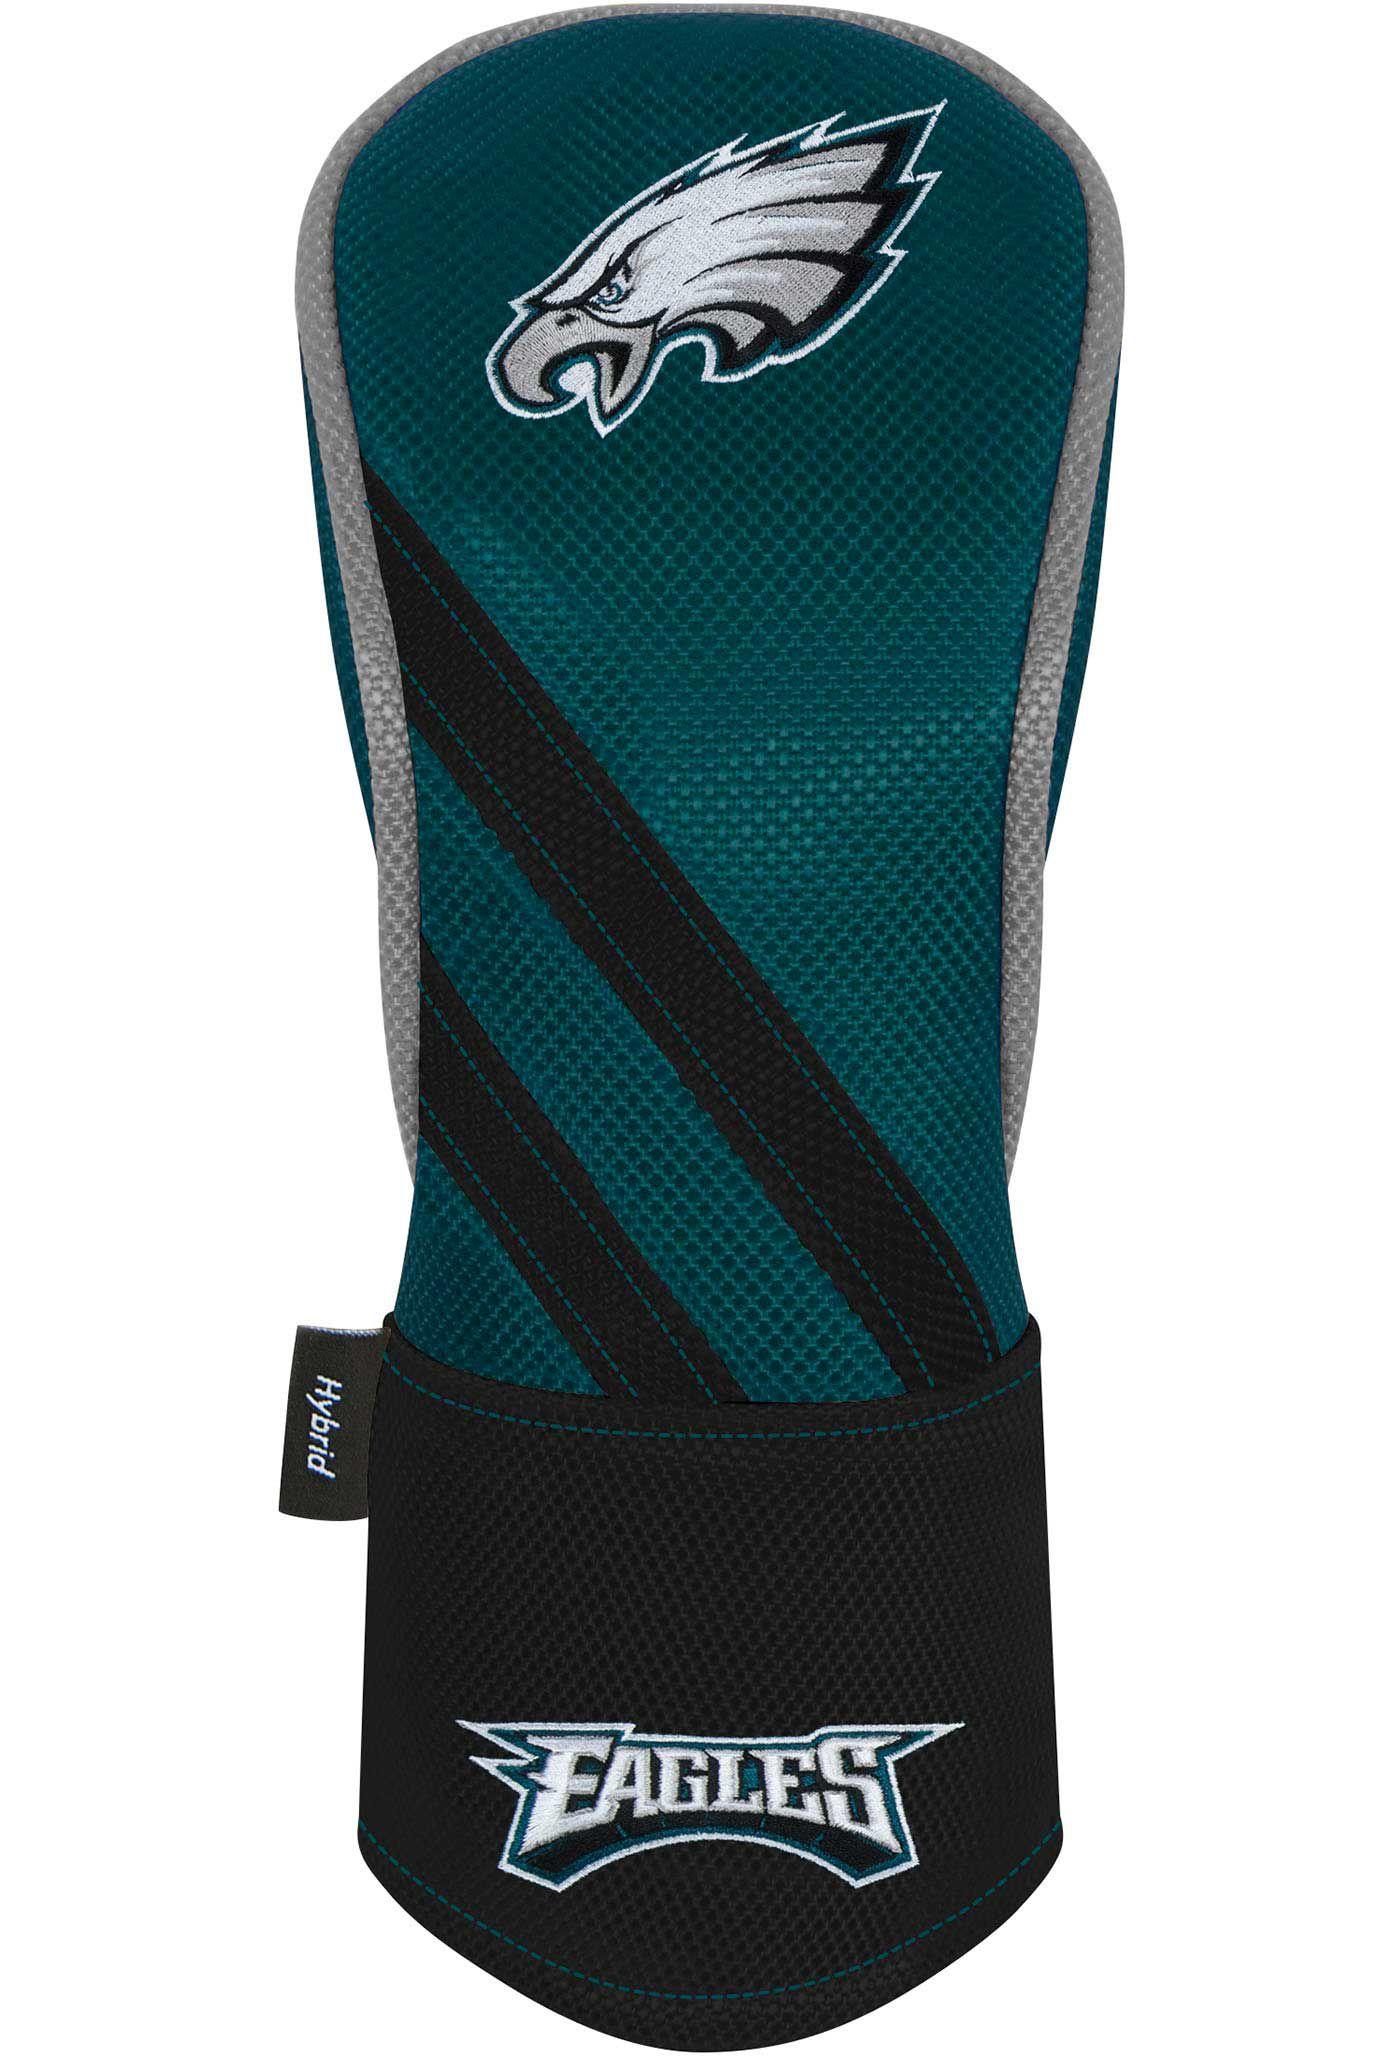 Team Effort Philadelphia Eagles Hybrid Headcover